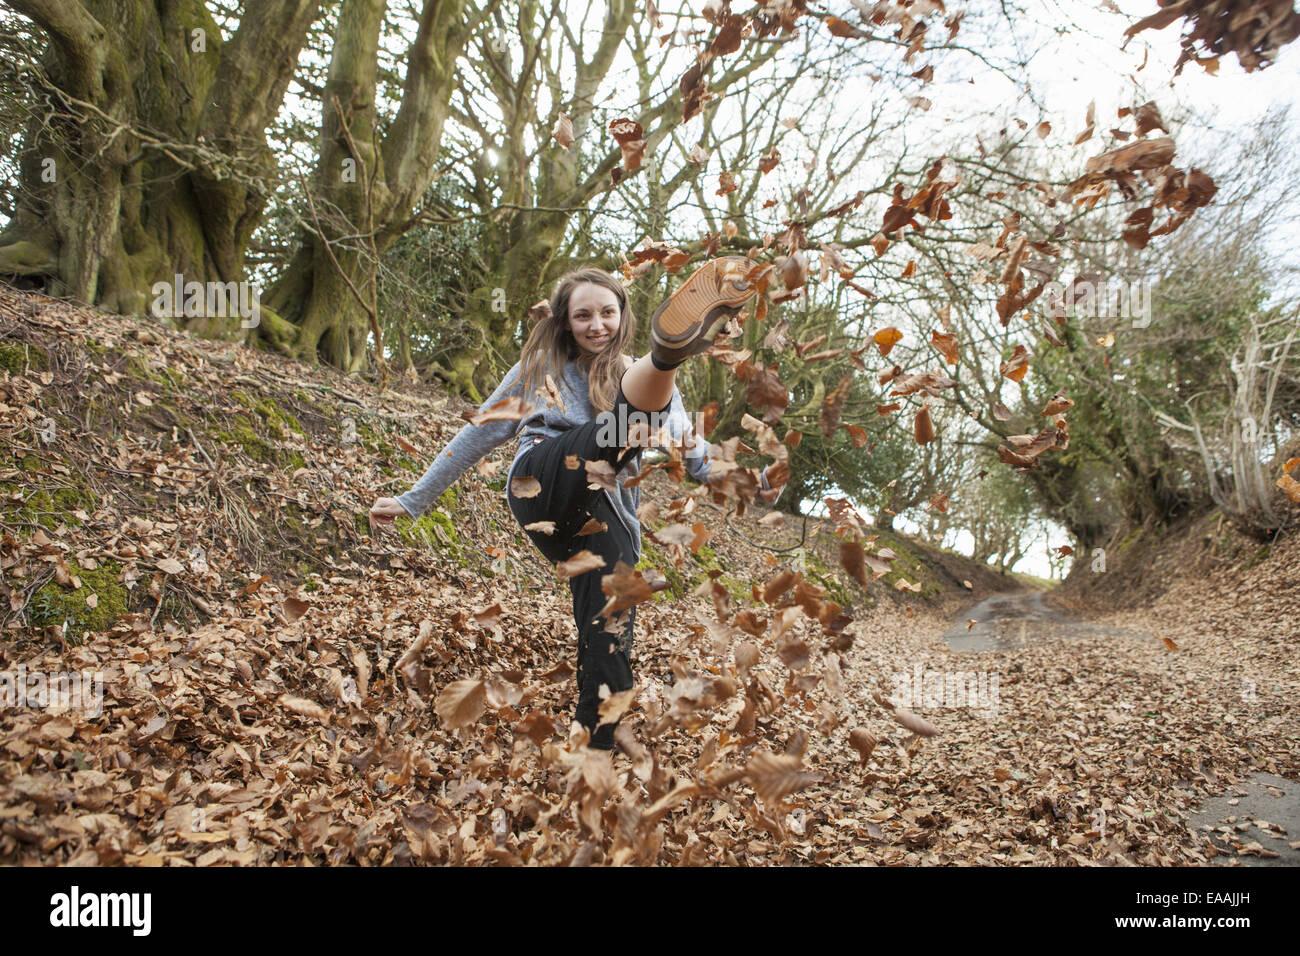 Chica jugando en hojarasca, darles patadas en el aire. Foto de stock